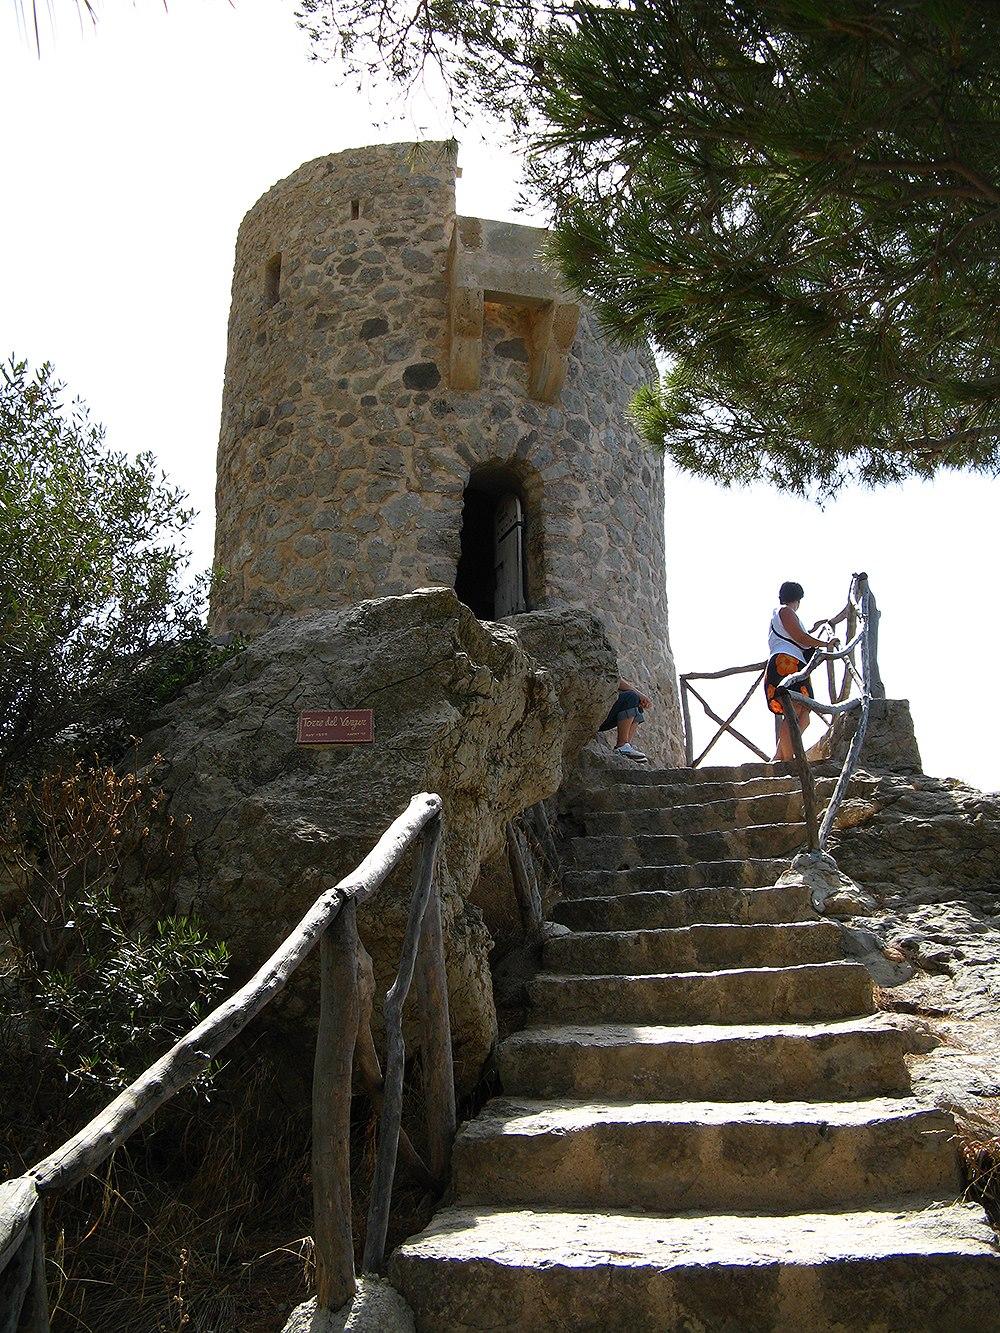 Mallorca-Wachturm-Mirador-Torre-del-Verger-2